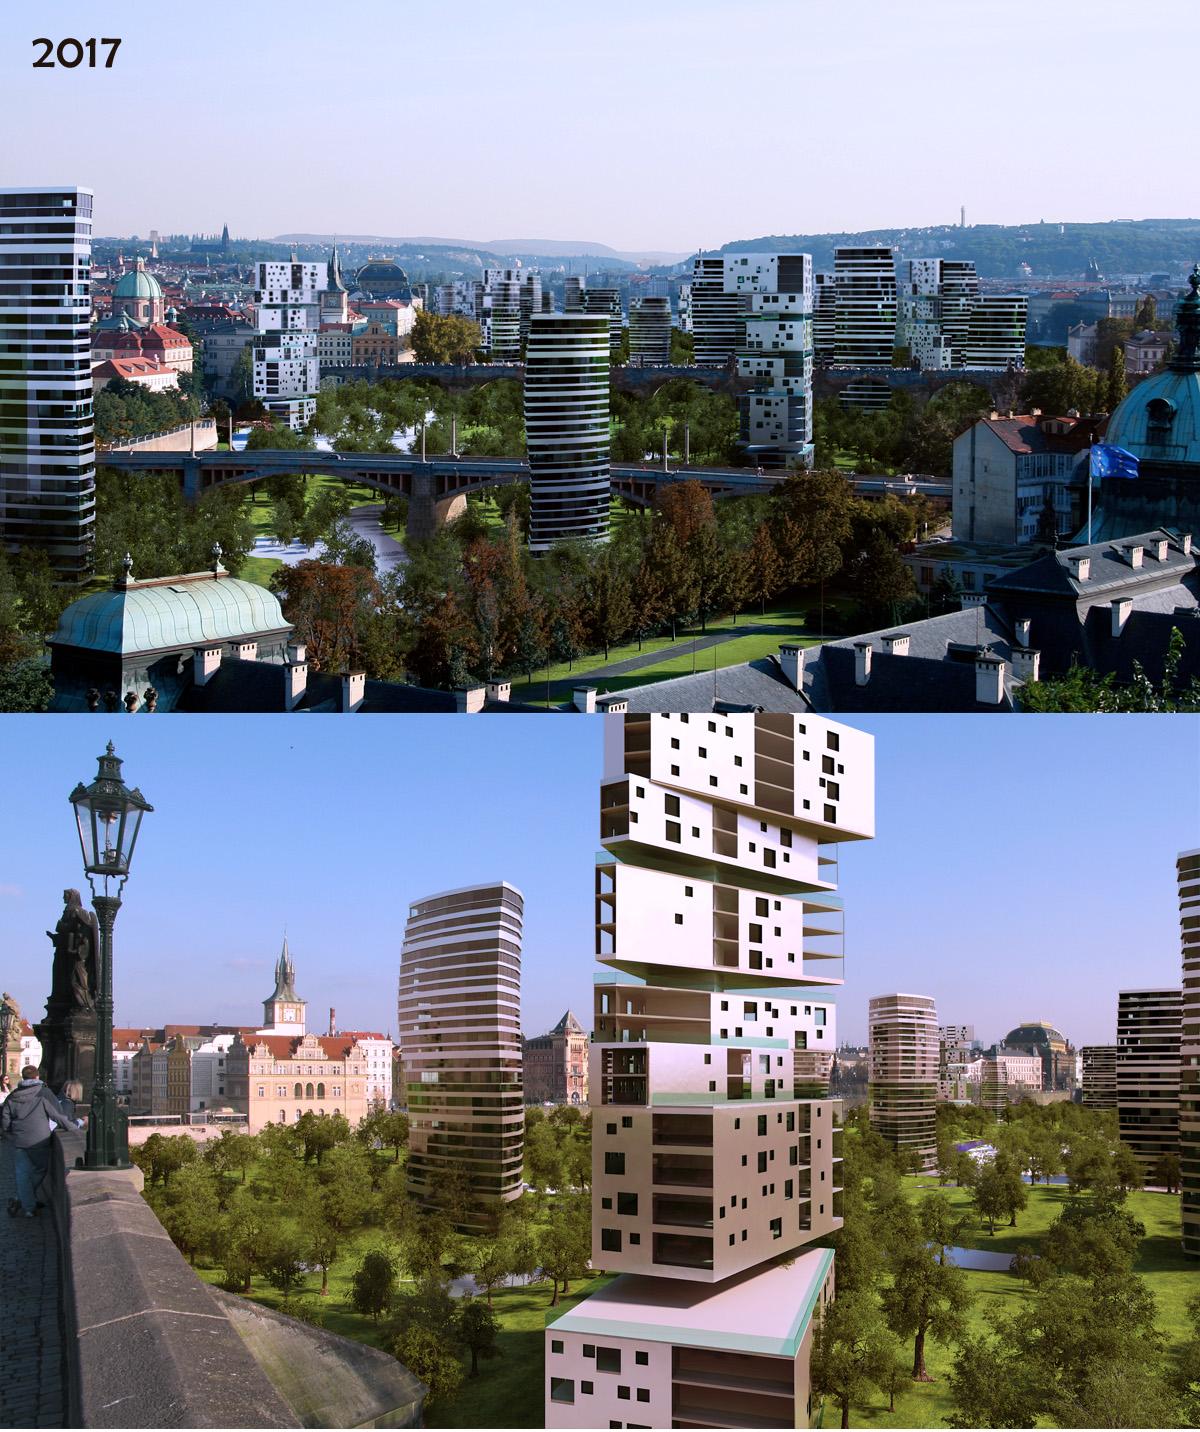 Z pražského magistrátu unikly první informace o vybudování obrovského tunelu, který  by měl odklonit Vltavu z pražského centra. Důvodem je plánovaná výstavba v korytě řeky.